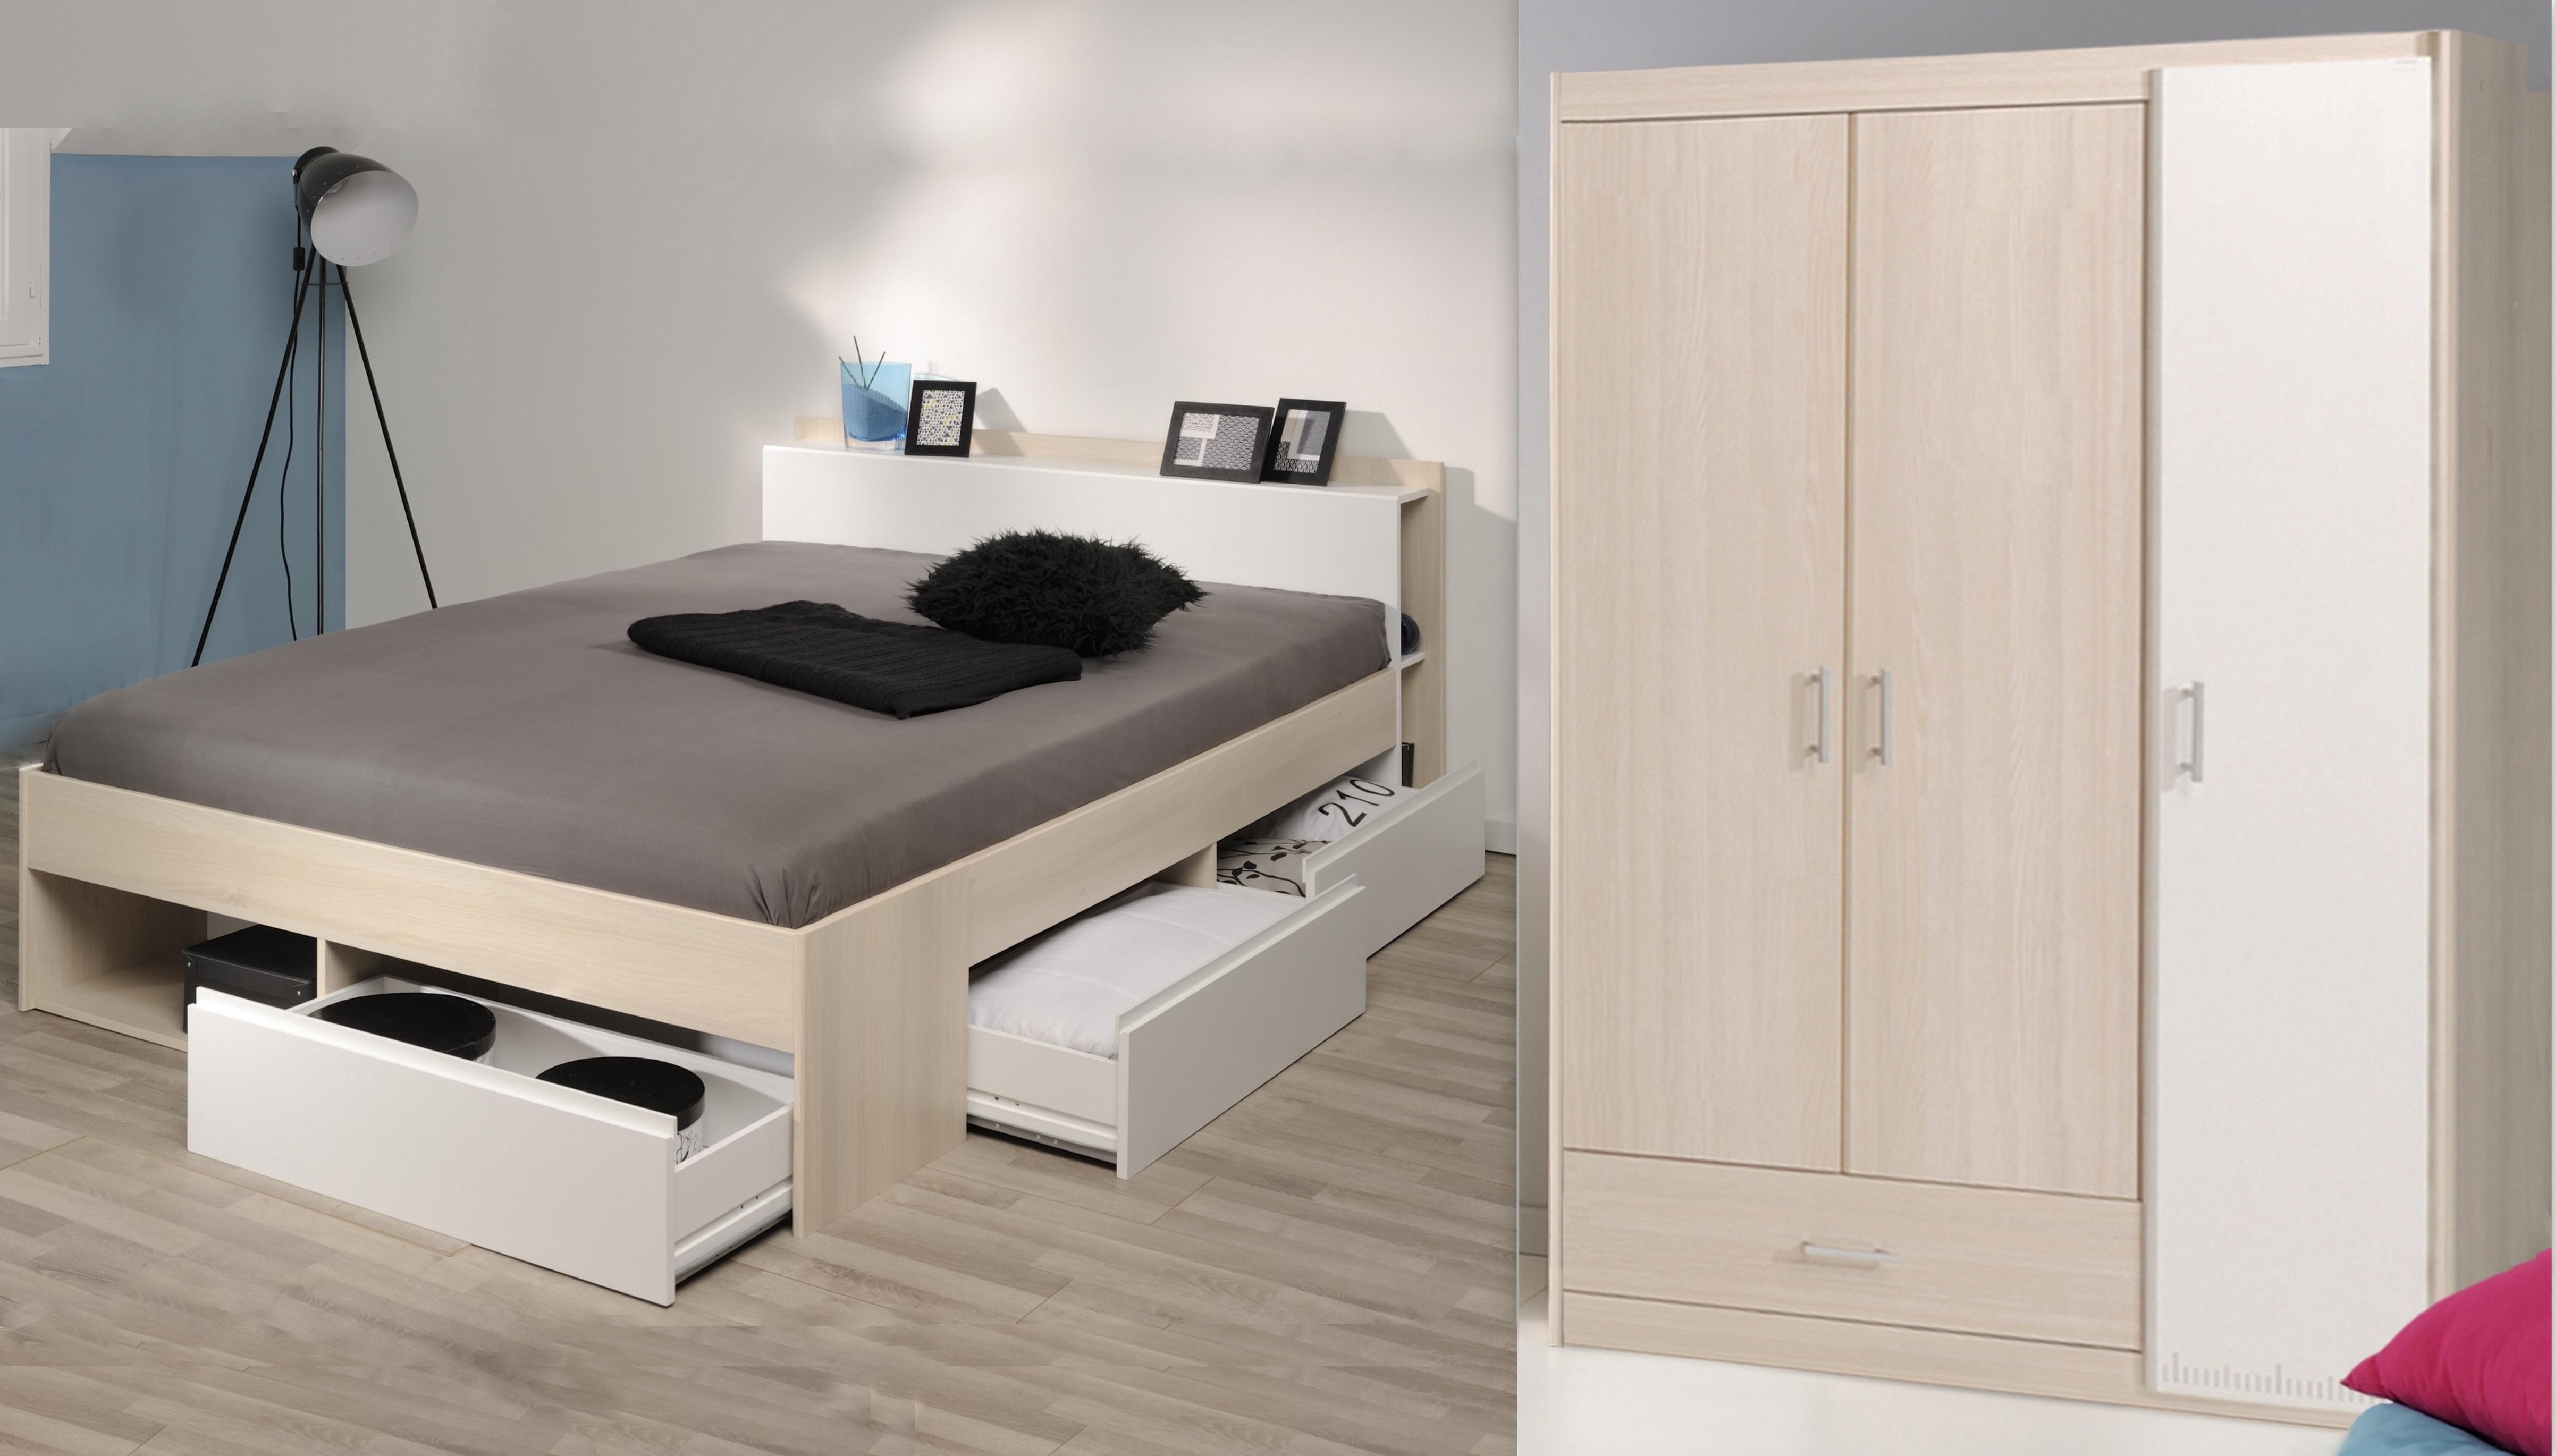 Schlafzimmer-Set 2-tlg inkl 160x200 Bett Bettkasten u Kleiderschrank 3-trg Most 72 von Parisot Akazie / Weiss